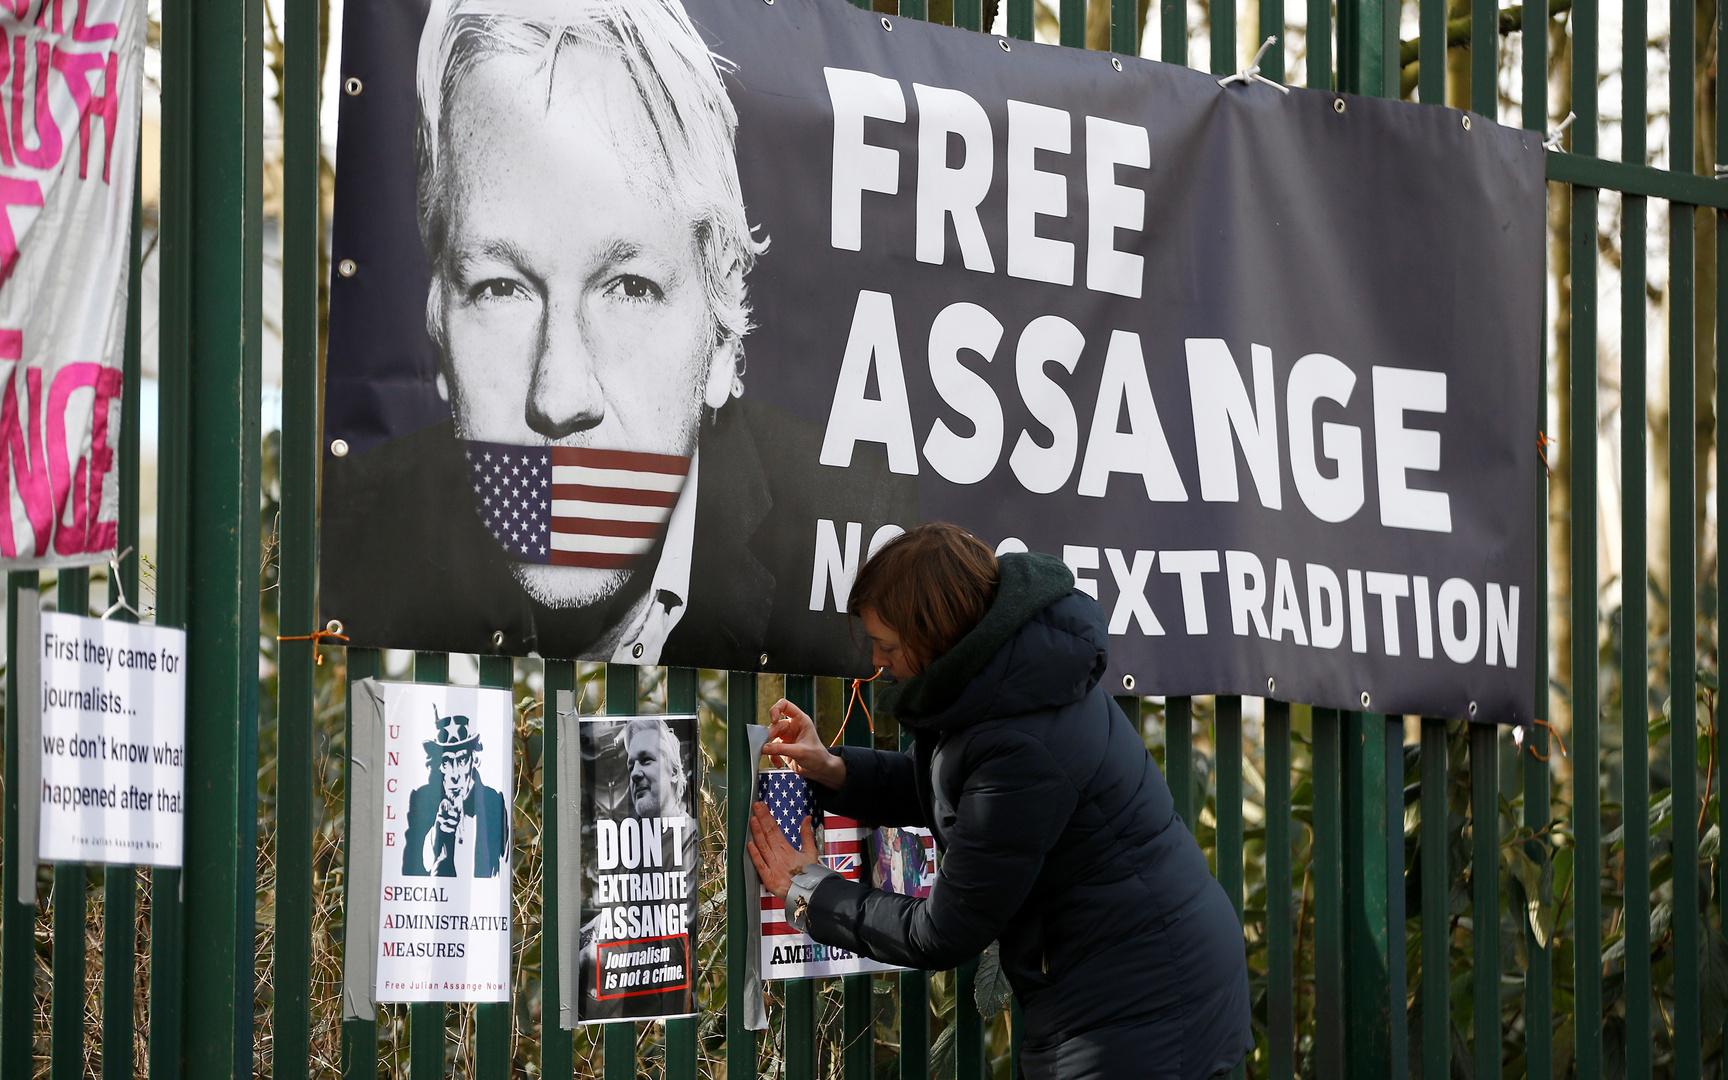 حملة في بريطانيا ضد تسليم جوليان أسانج إلى الولايات المتحدة